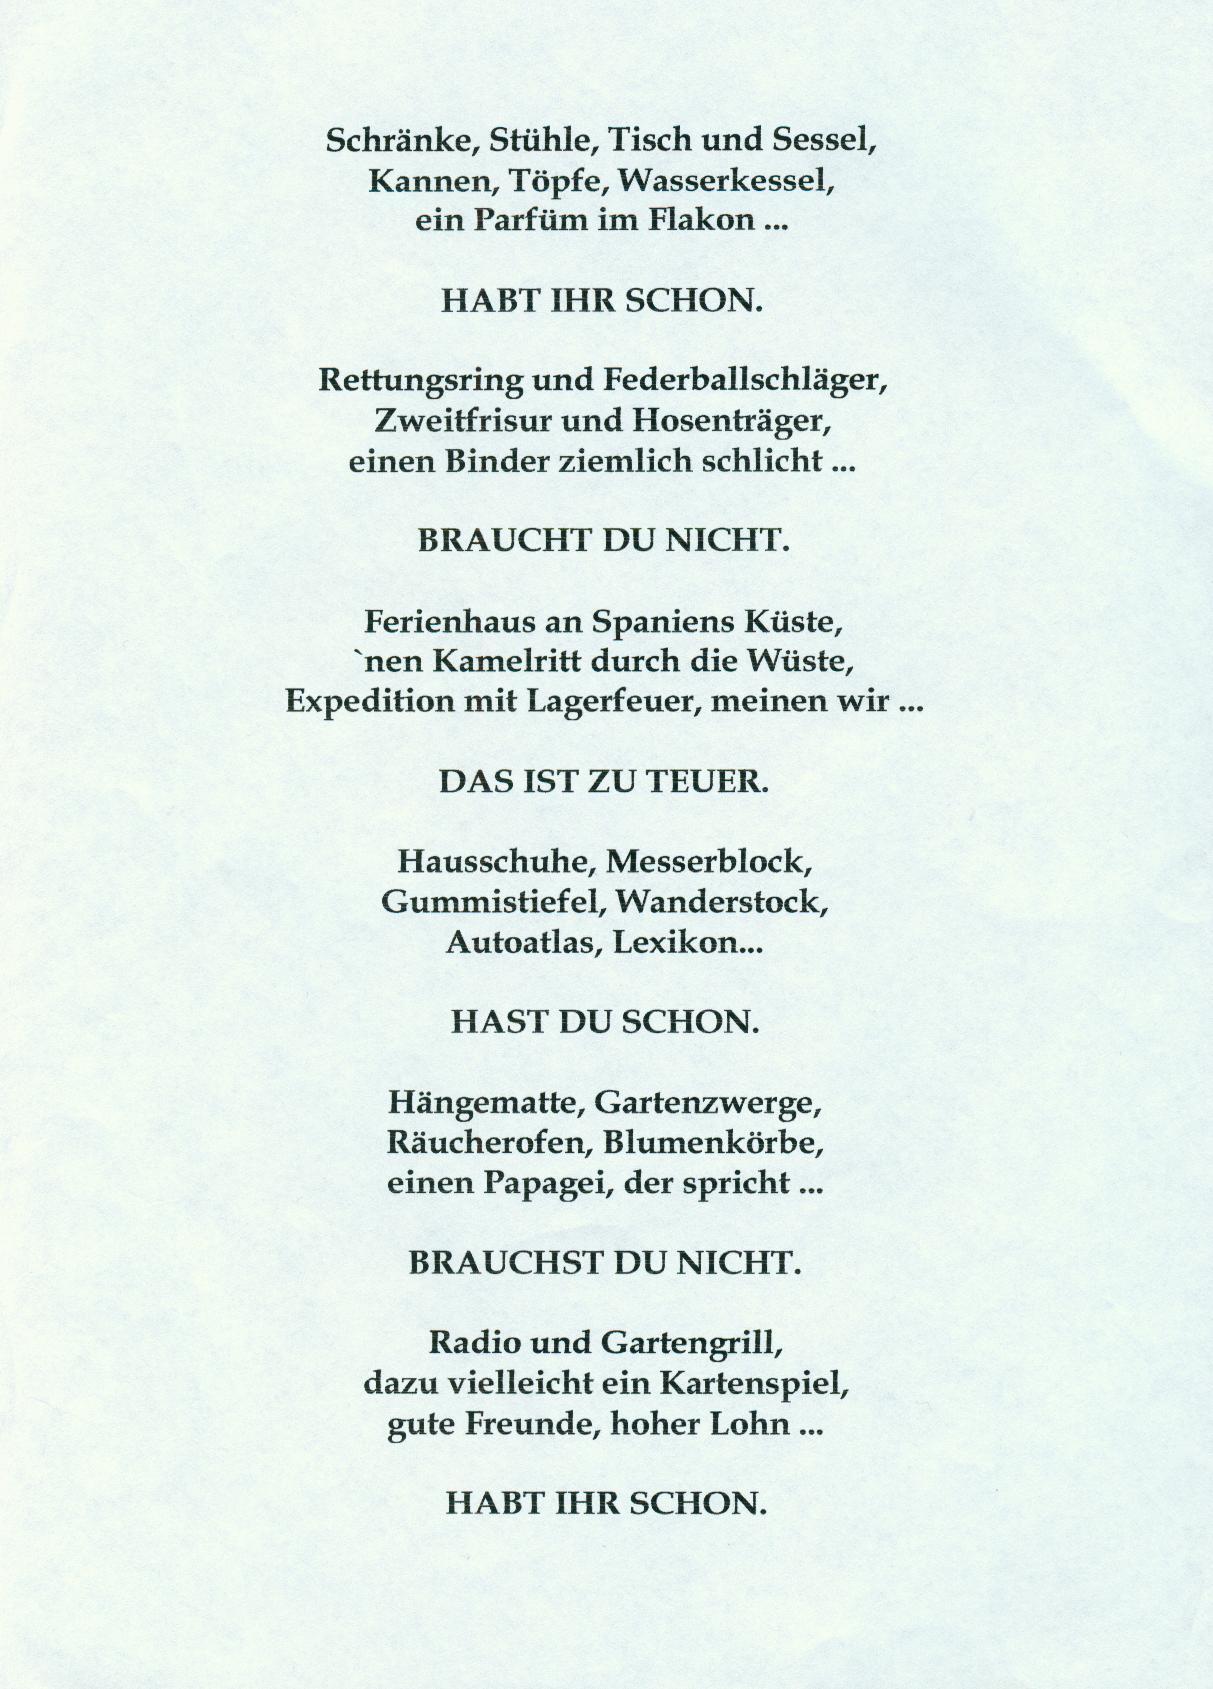 Kurzer Lustiger Spruch Zum 50 Geburtstag Einer Frau Probeer Ovkb Nl